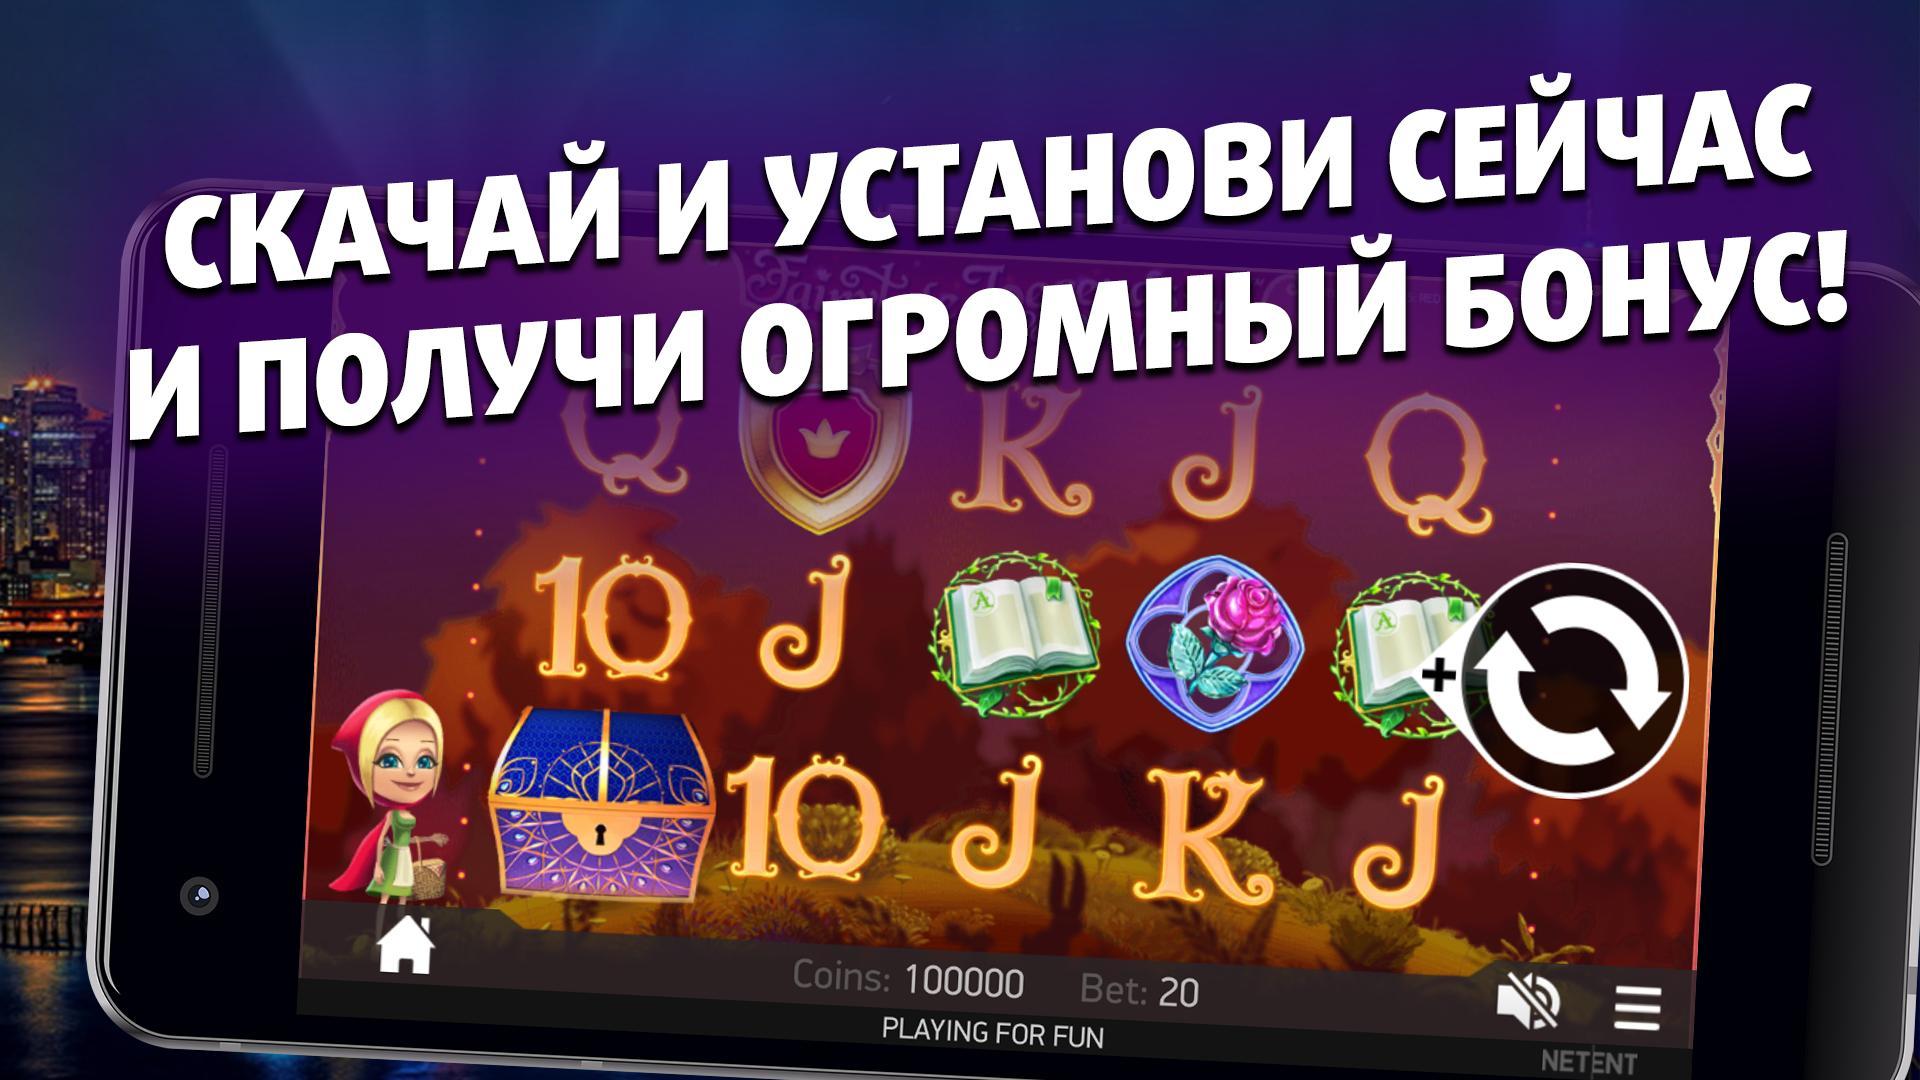 Слотомания игровые автоматы играть бесплатно без регистрации скрудж